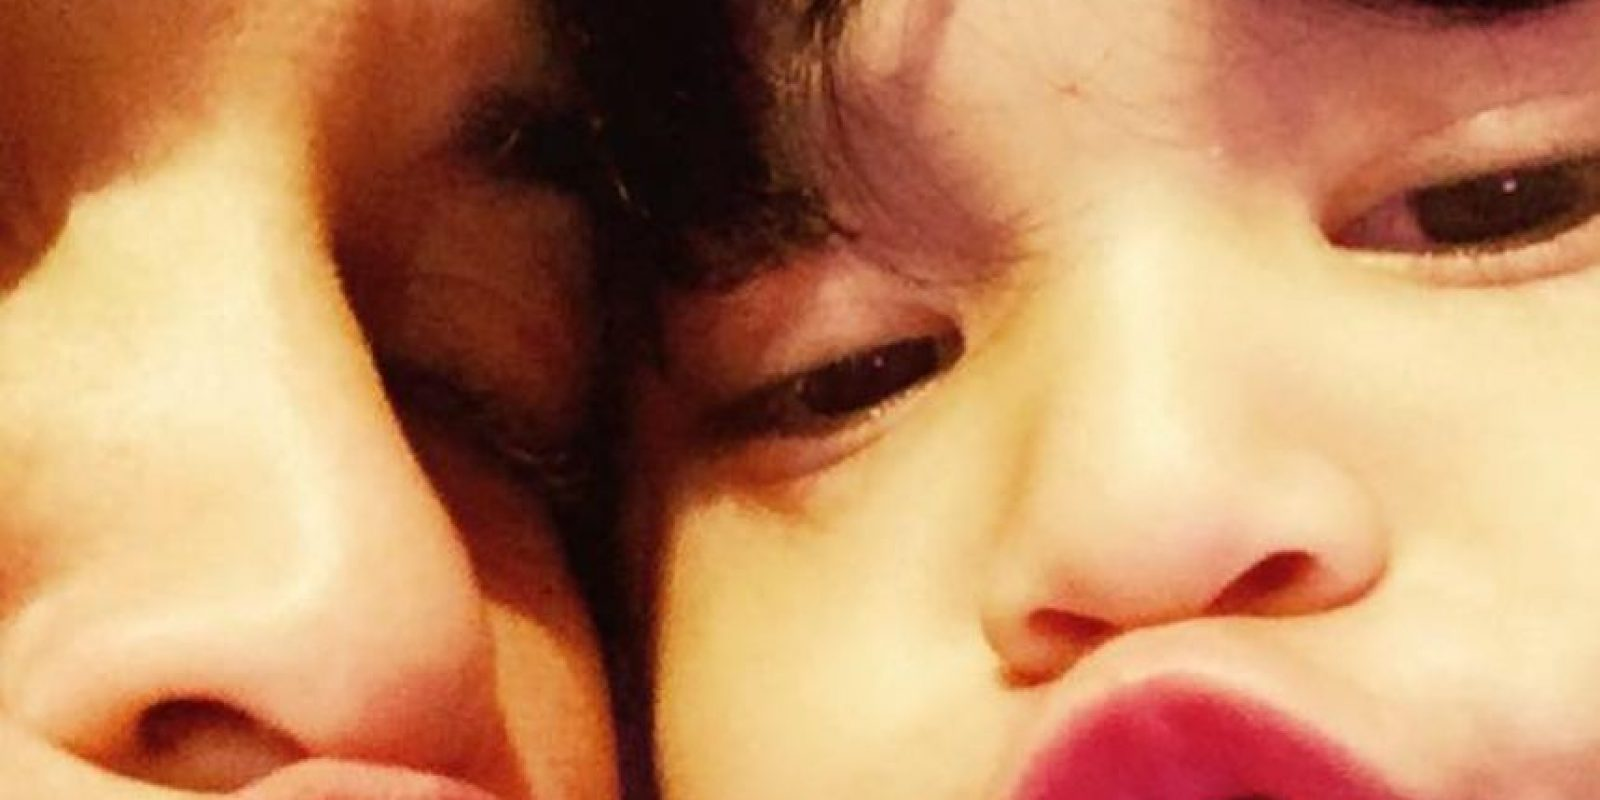 Actualmente están separados y ambos entablaron nuevas relaciones. Su hijo tiene dos años. Foto:Vía twitter.com/veruojeda25